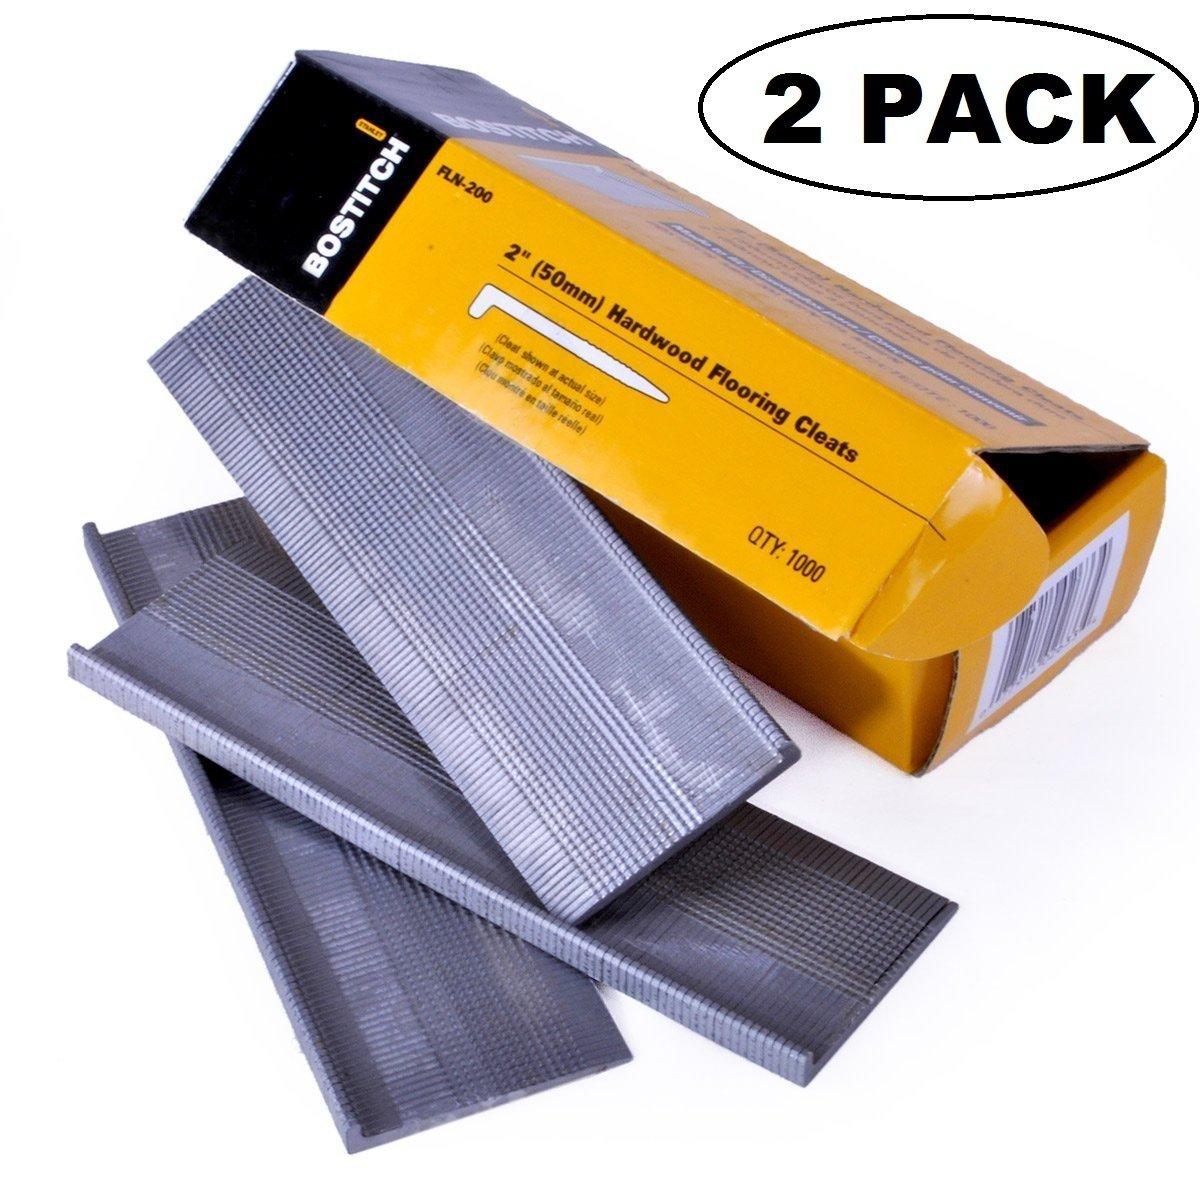 2 PACK BOSTITCH FLN-200 2-Inch Flooring L-Nail, 1000-Per Box